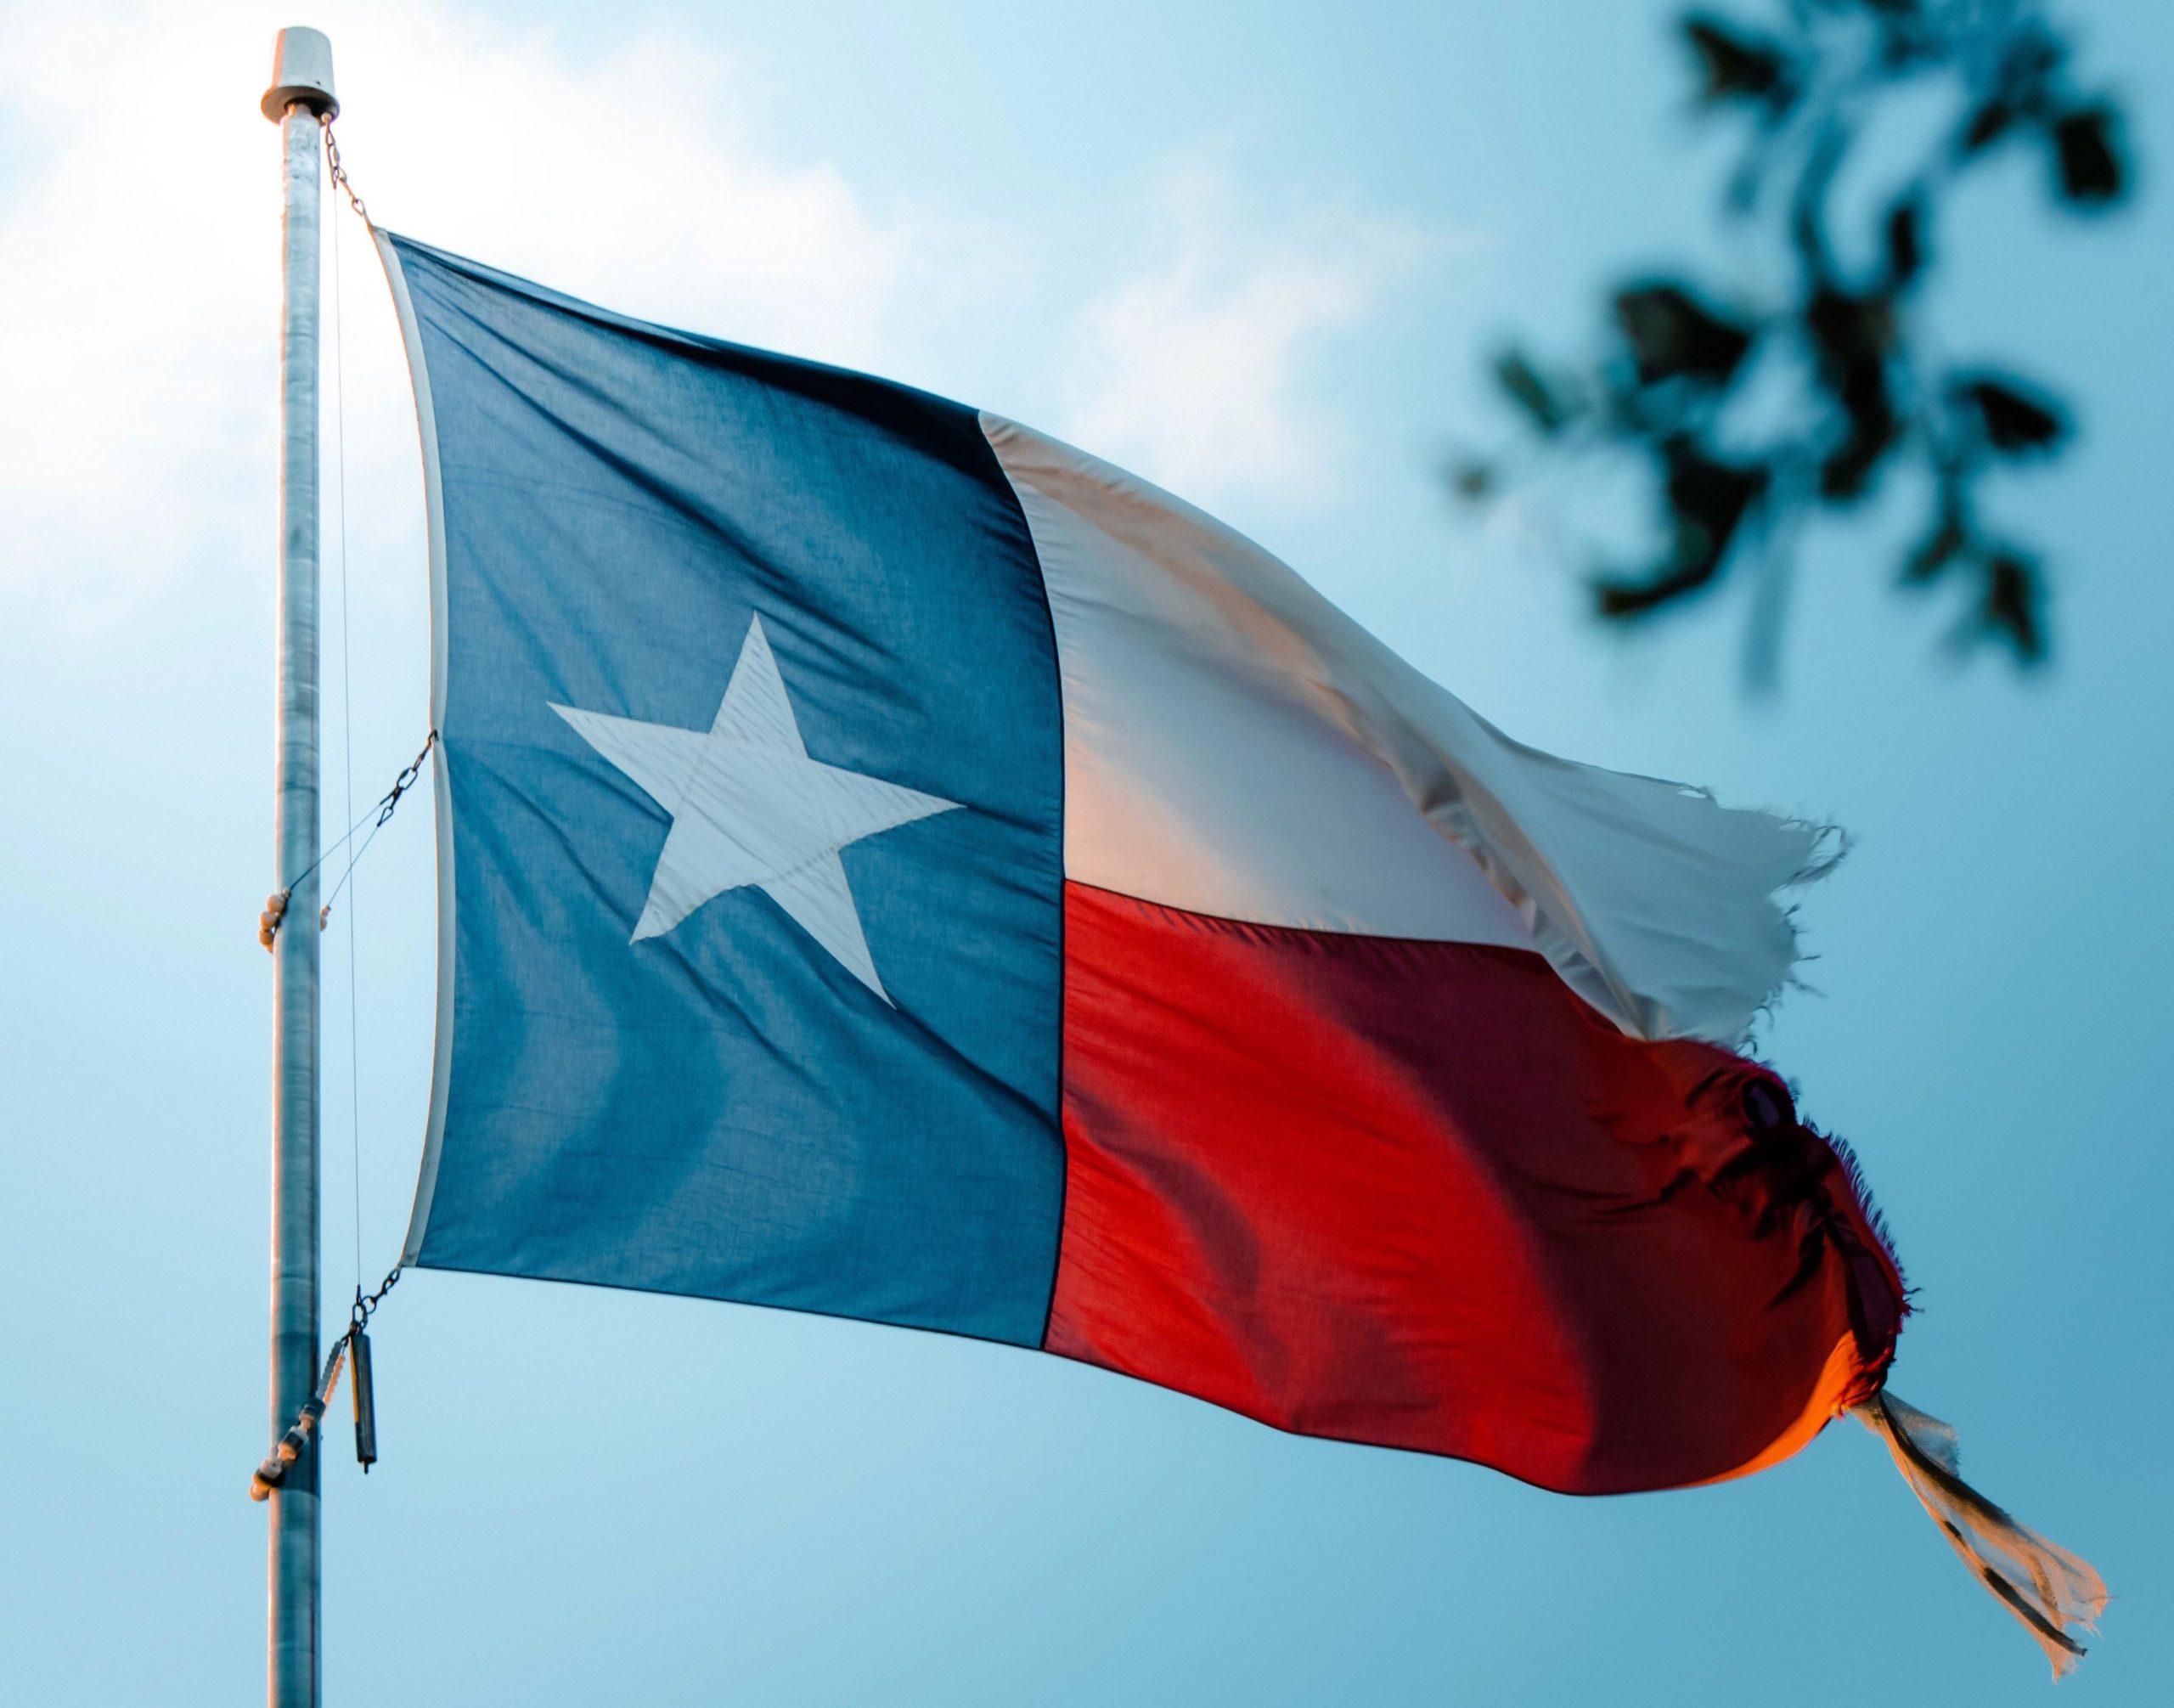 teksas valisi sanal para yasa tasarisini imzaladi